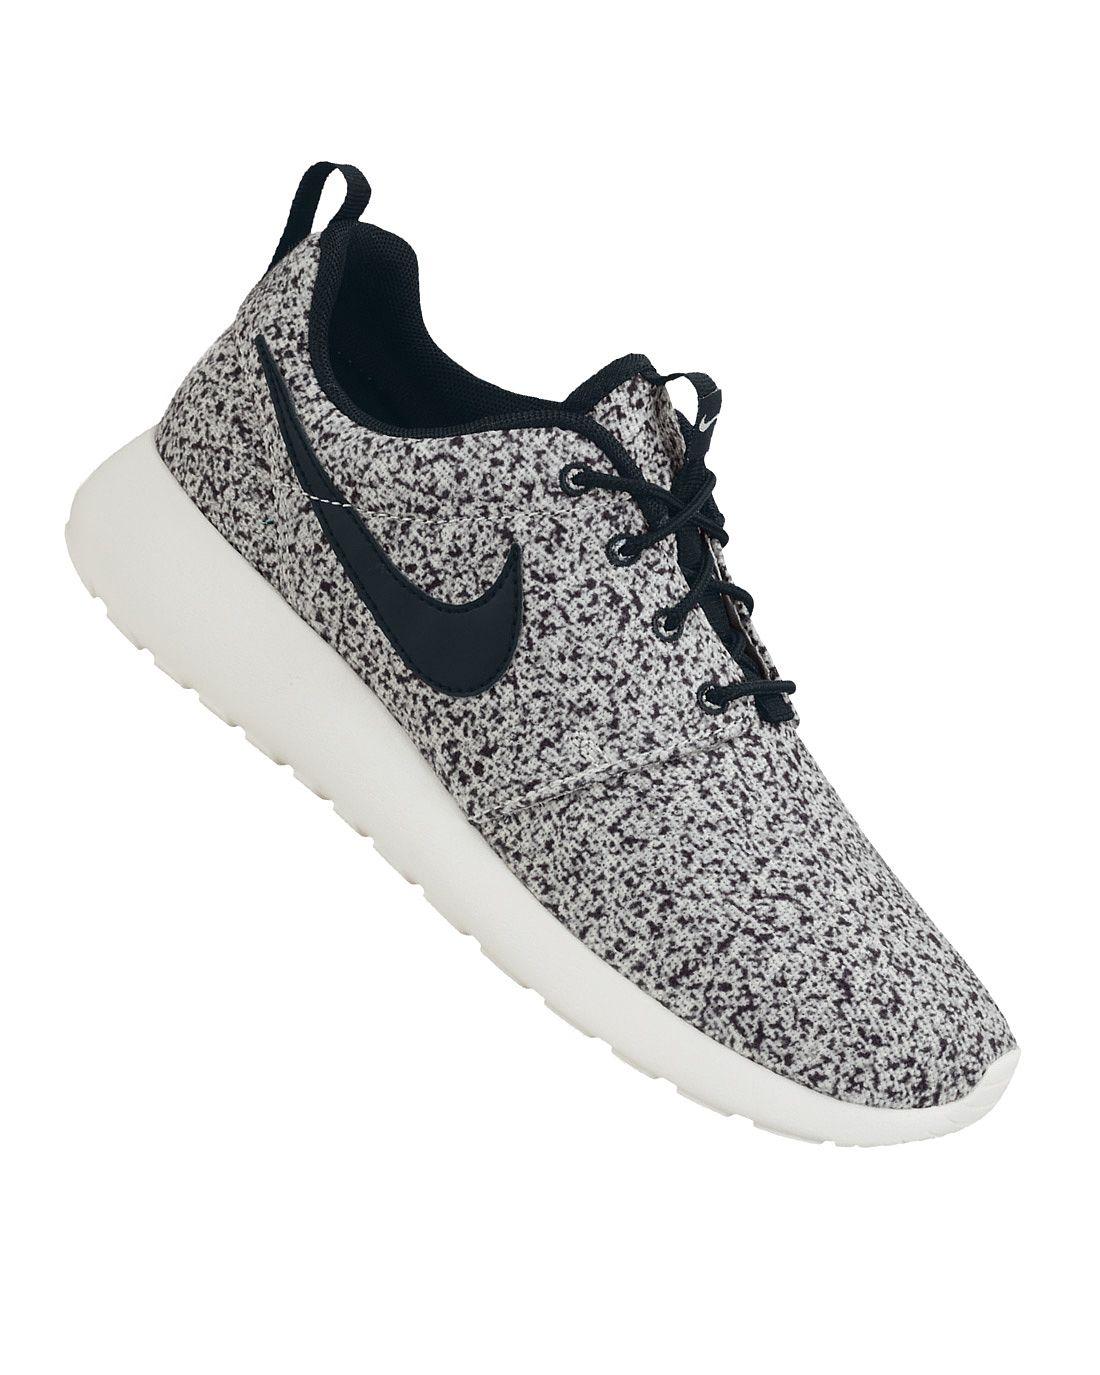 orden Nike Roshe Ejecutar La Vela Negro Moteado Reino Unido Yahoo venta 2015 2015 venta online precio barato originales venta genuina PIesKOe7ht